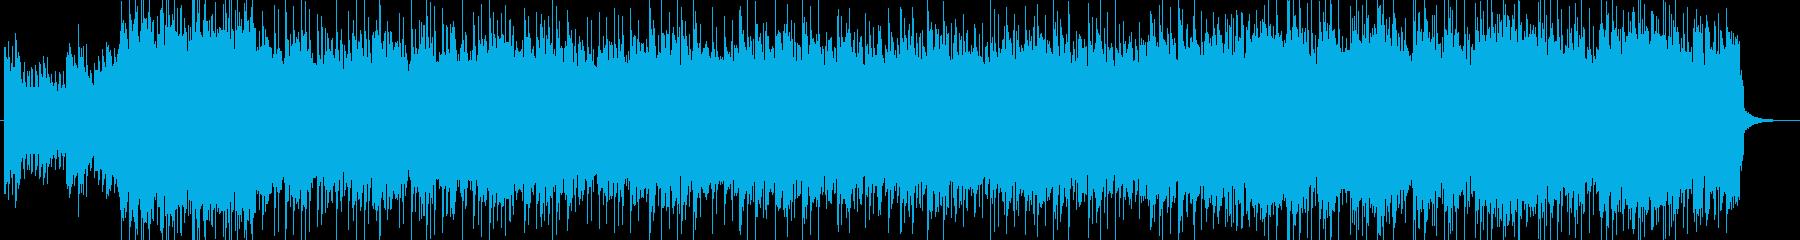 スピード感のあるアニメオープニング風の曲の再生済みの波形